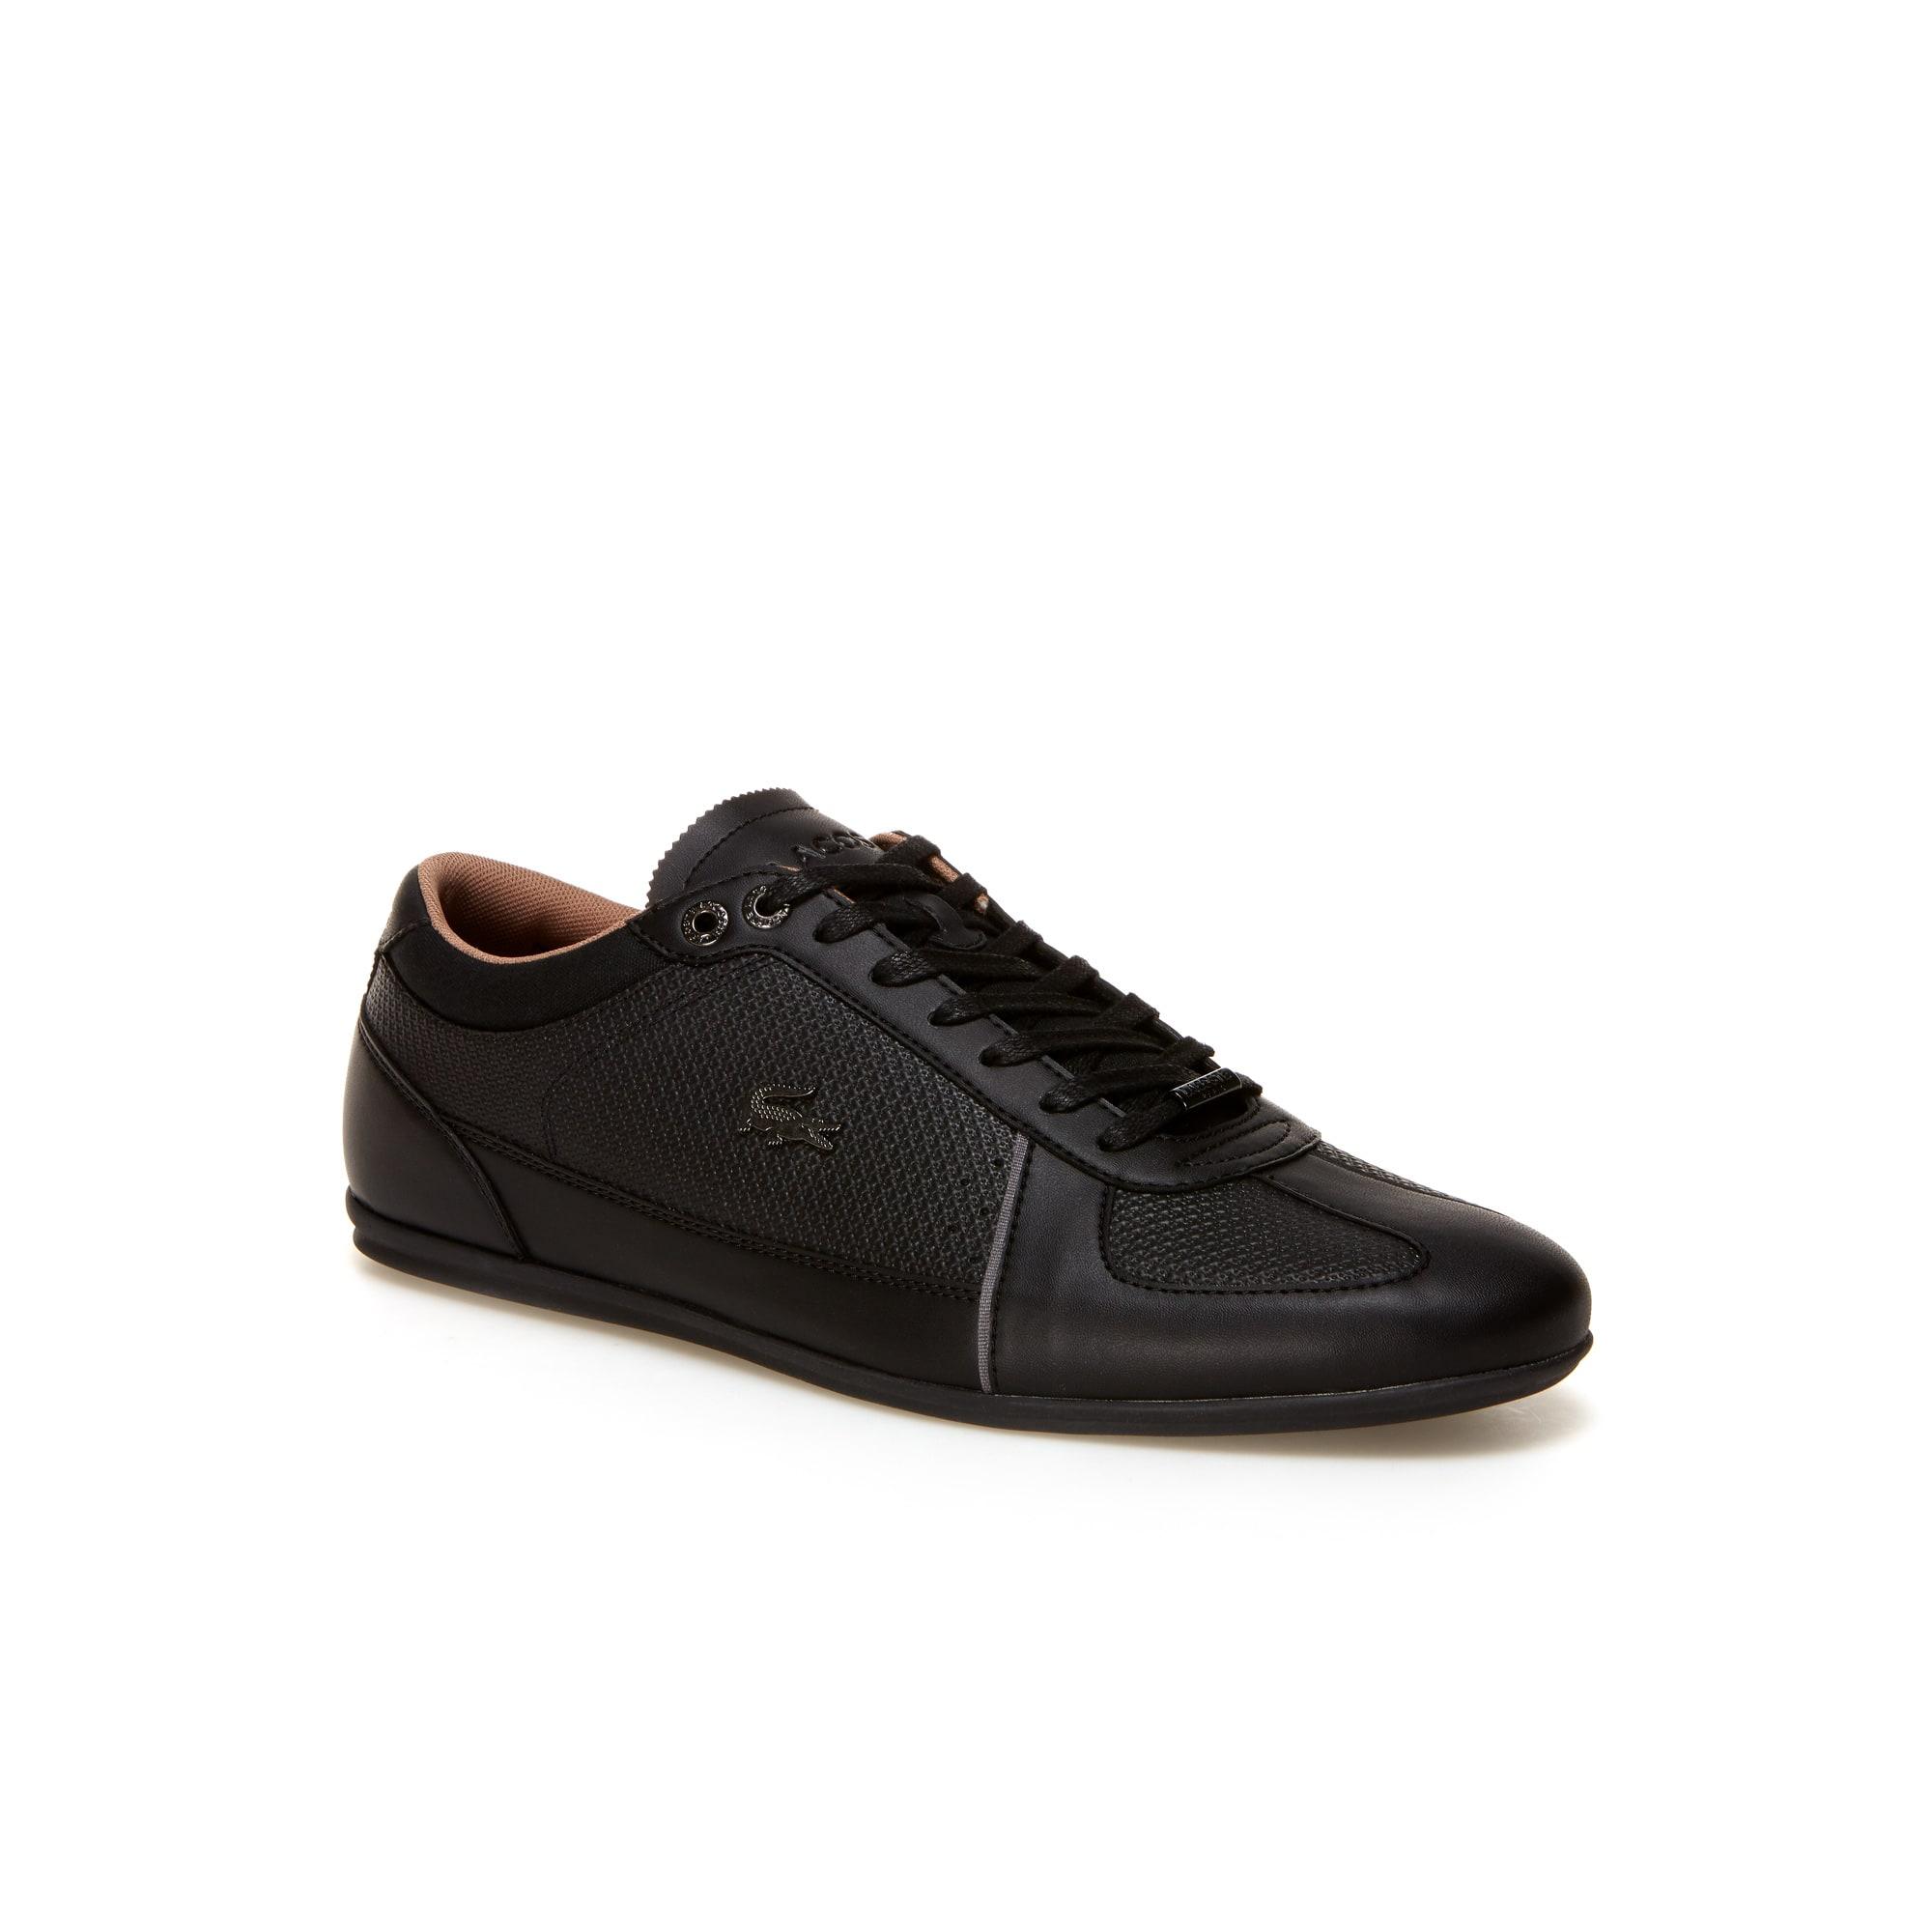 Sneakers Evara in pelle